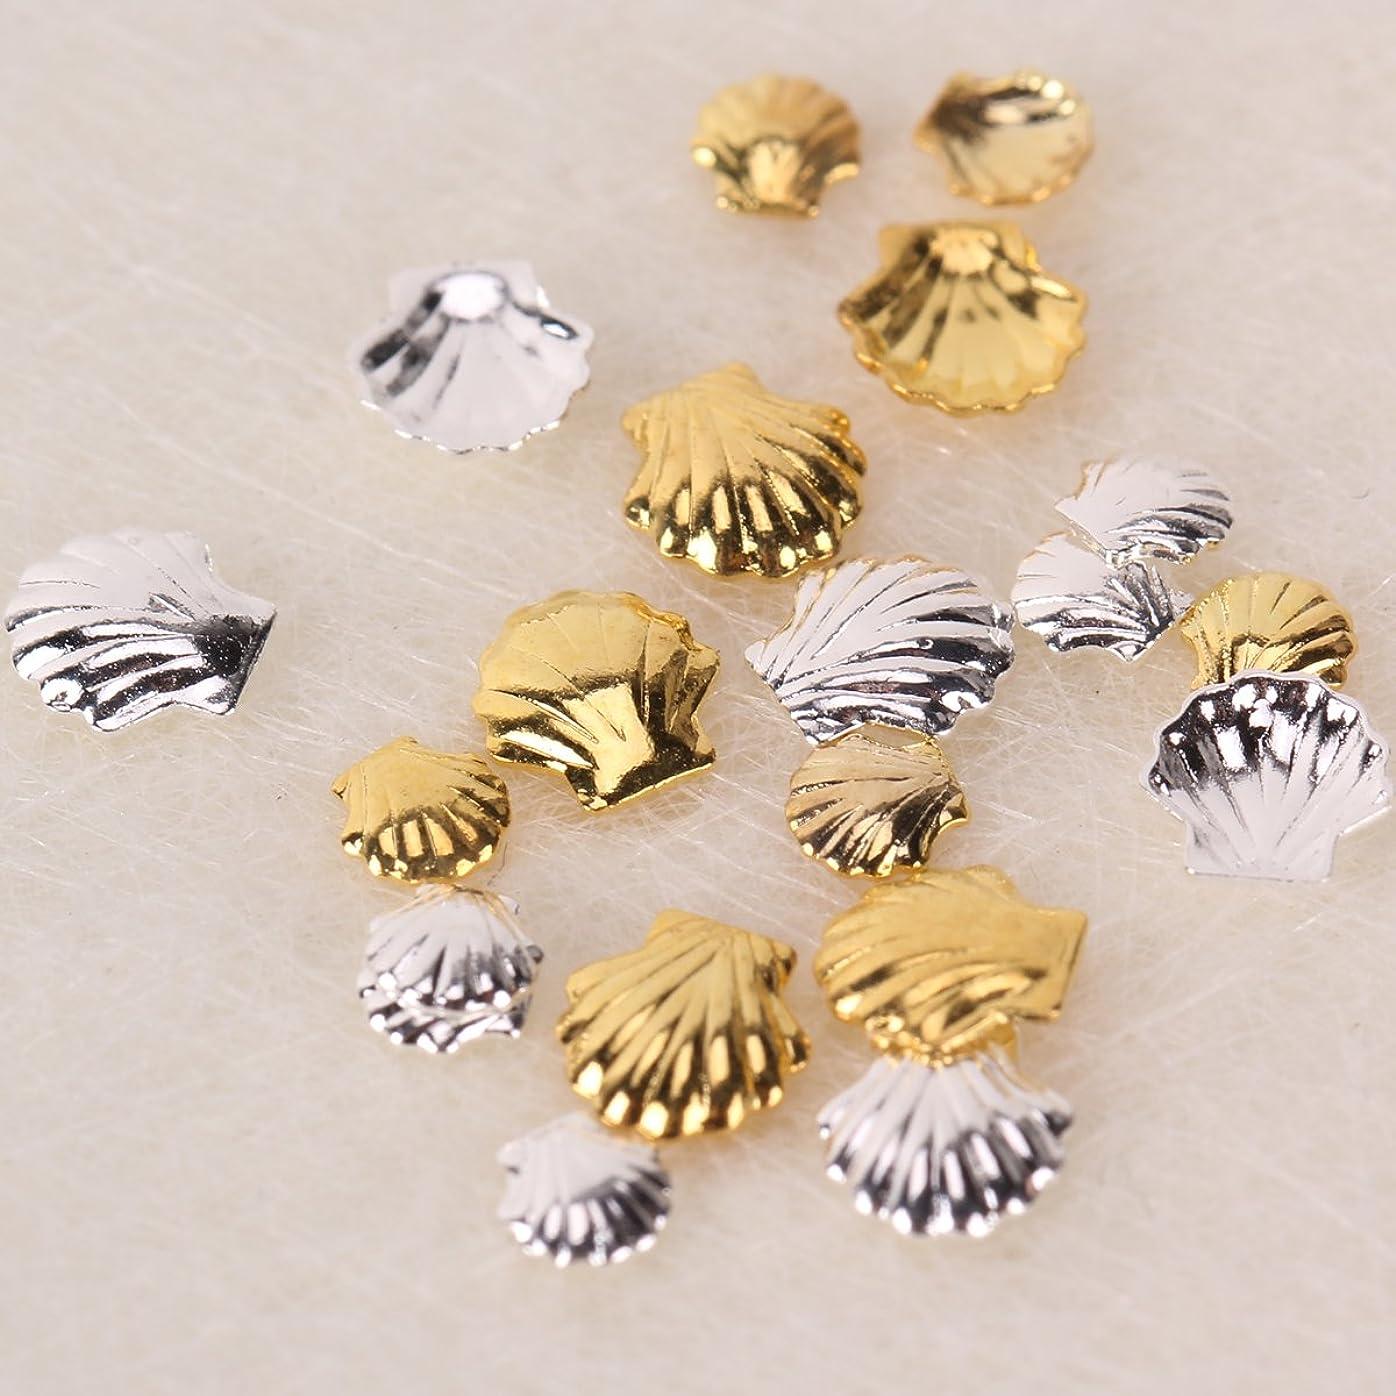 開発する記念チケットジェルネイル ネイルパーツ 貝 ネイルアートパーツ シェルパーツ 春ネイル 20個 貝殻型パーツ4種x各5